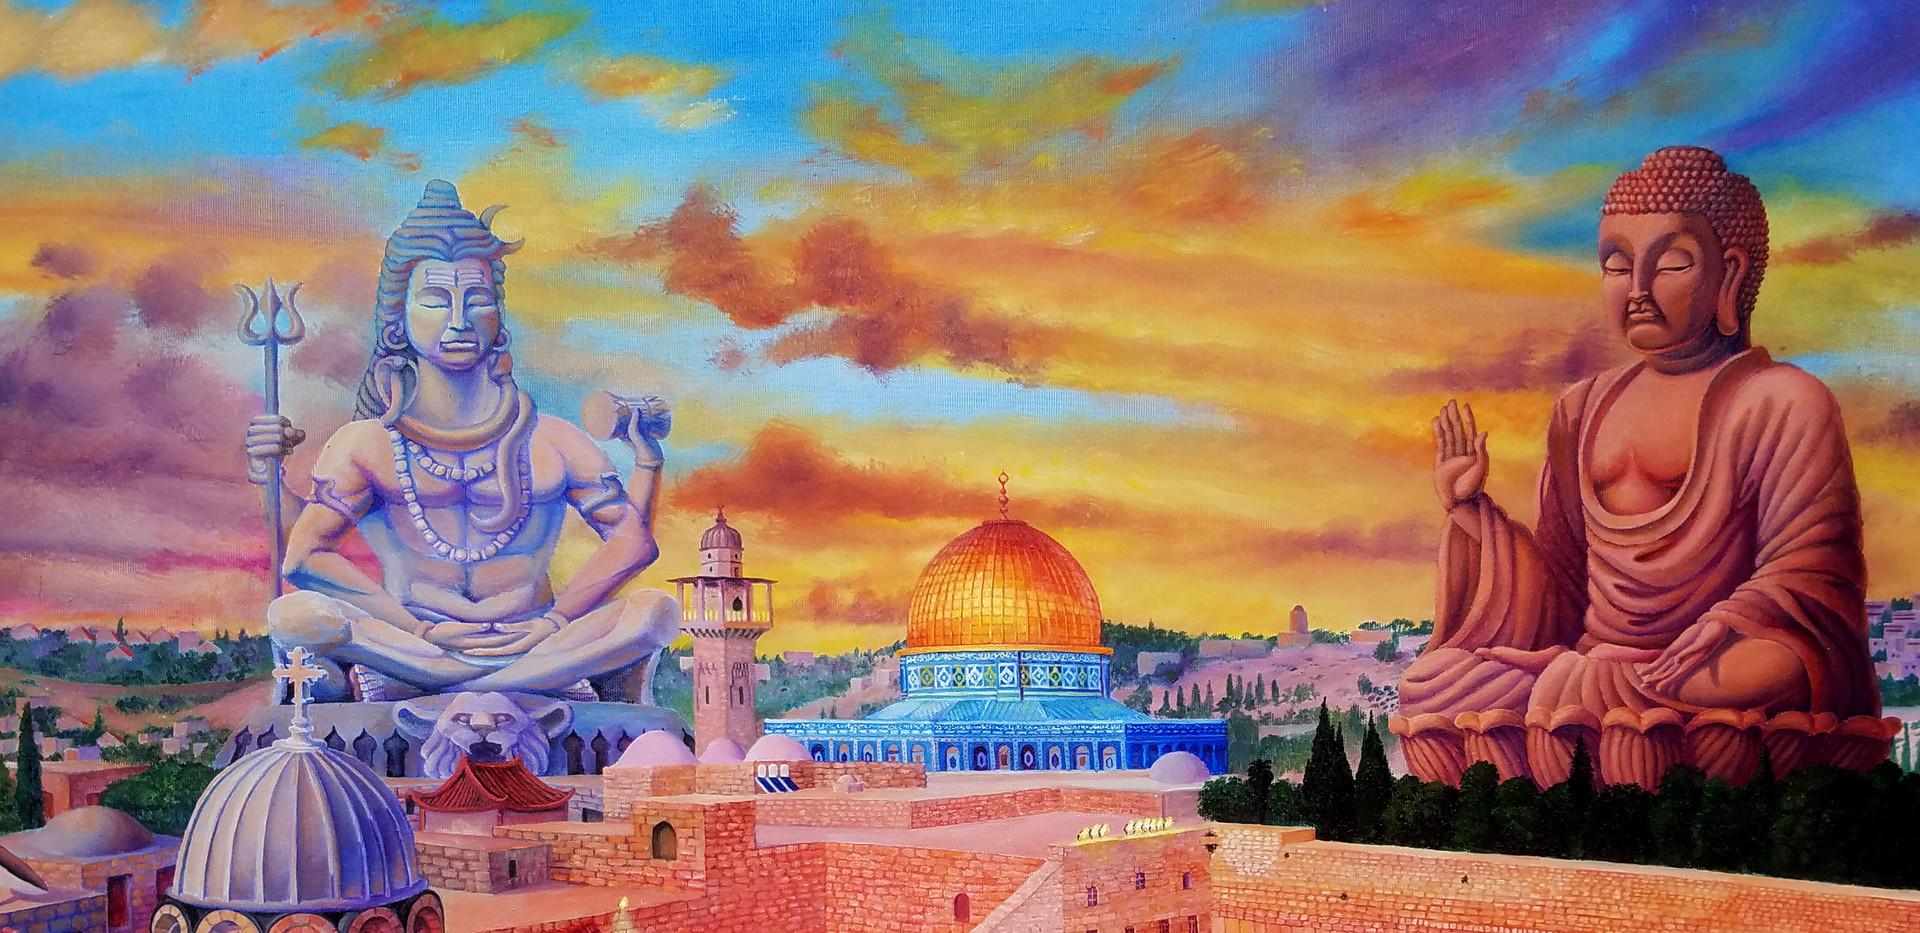 ירו-שלום שיר למדן שמן על בד  80x100 ס״מ 2018למכירה Shir Lamdan oil on canvas 80 x100 cm for sale